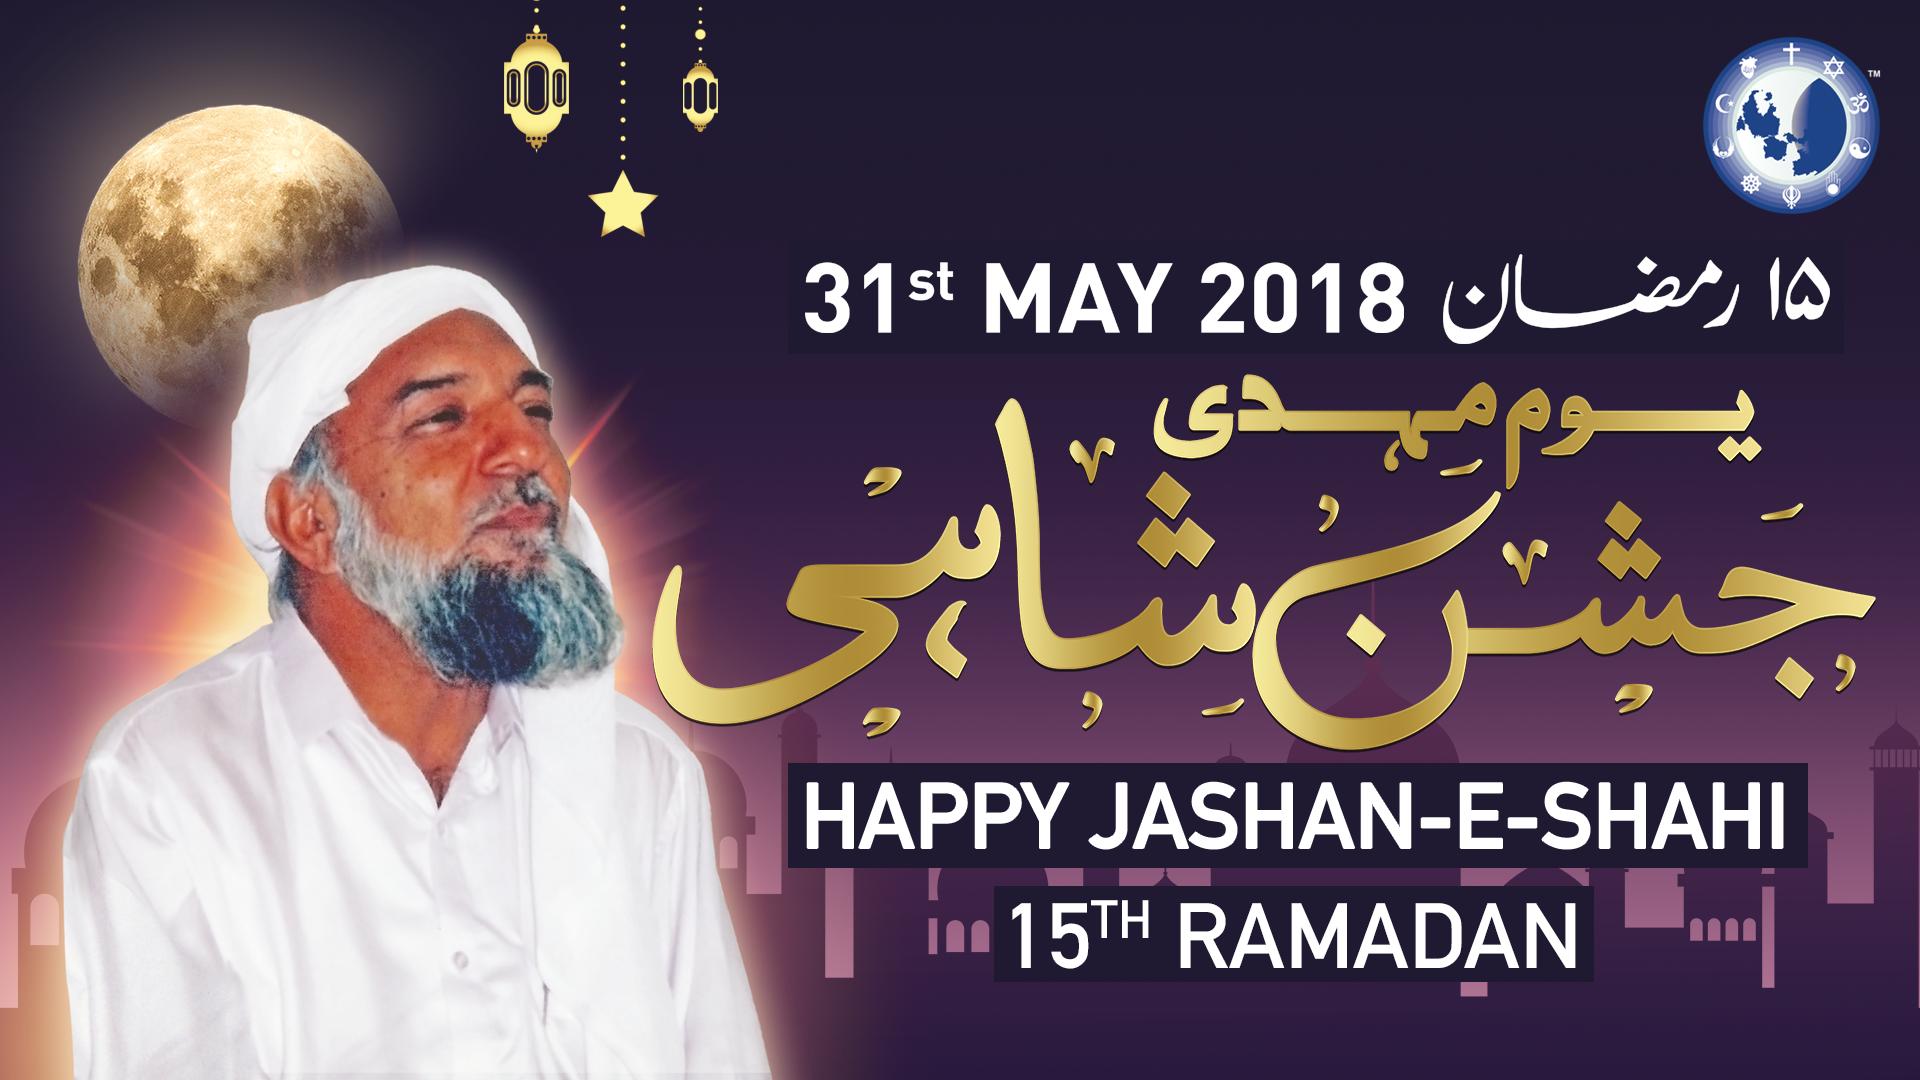 Jashan-e-Shahi 2018: 31st May